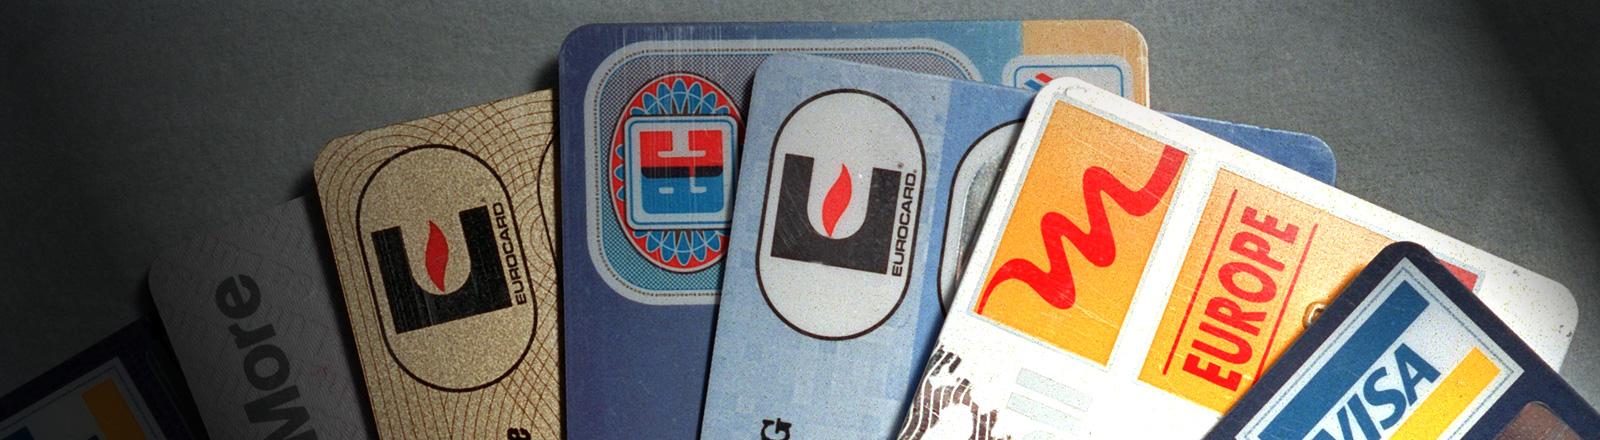 Eine Reihe von Kreditkarten liegt aufgefächert nebeneinander, Blick von oben; Bild: dpa